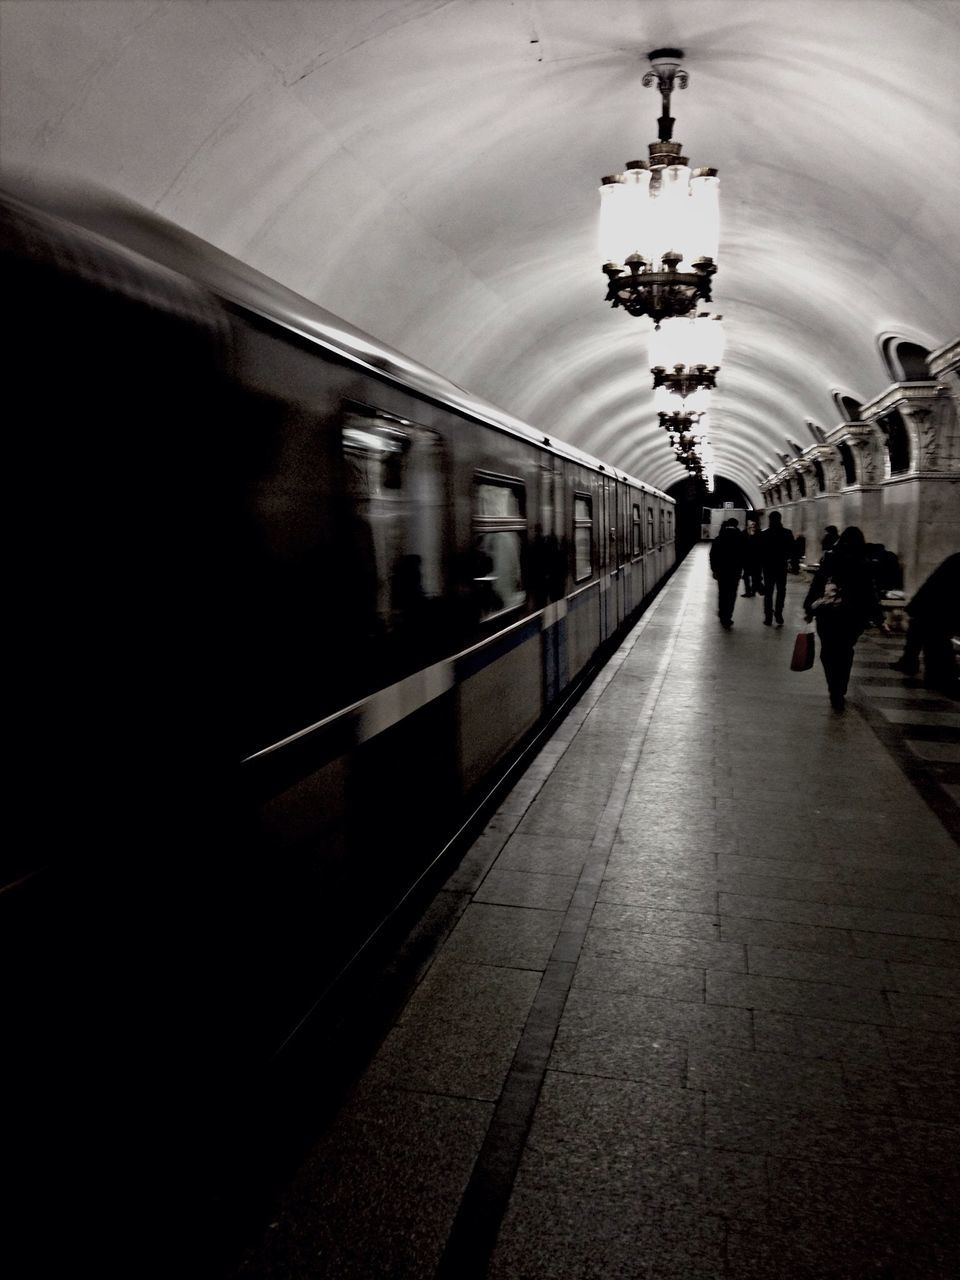 View Along Subway Station Platform